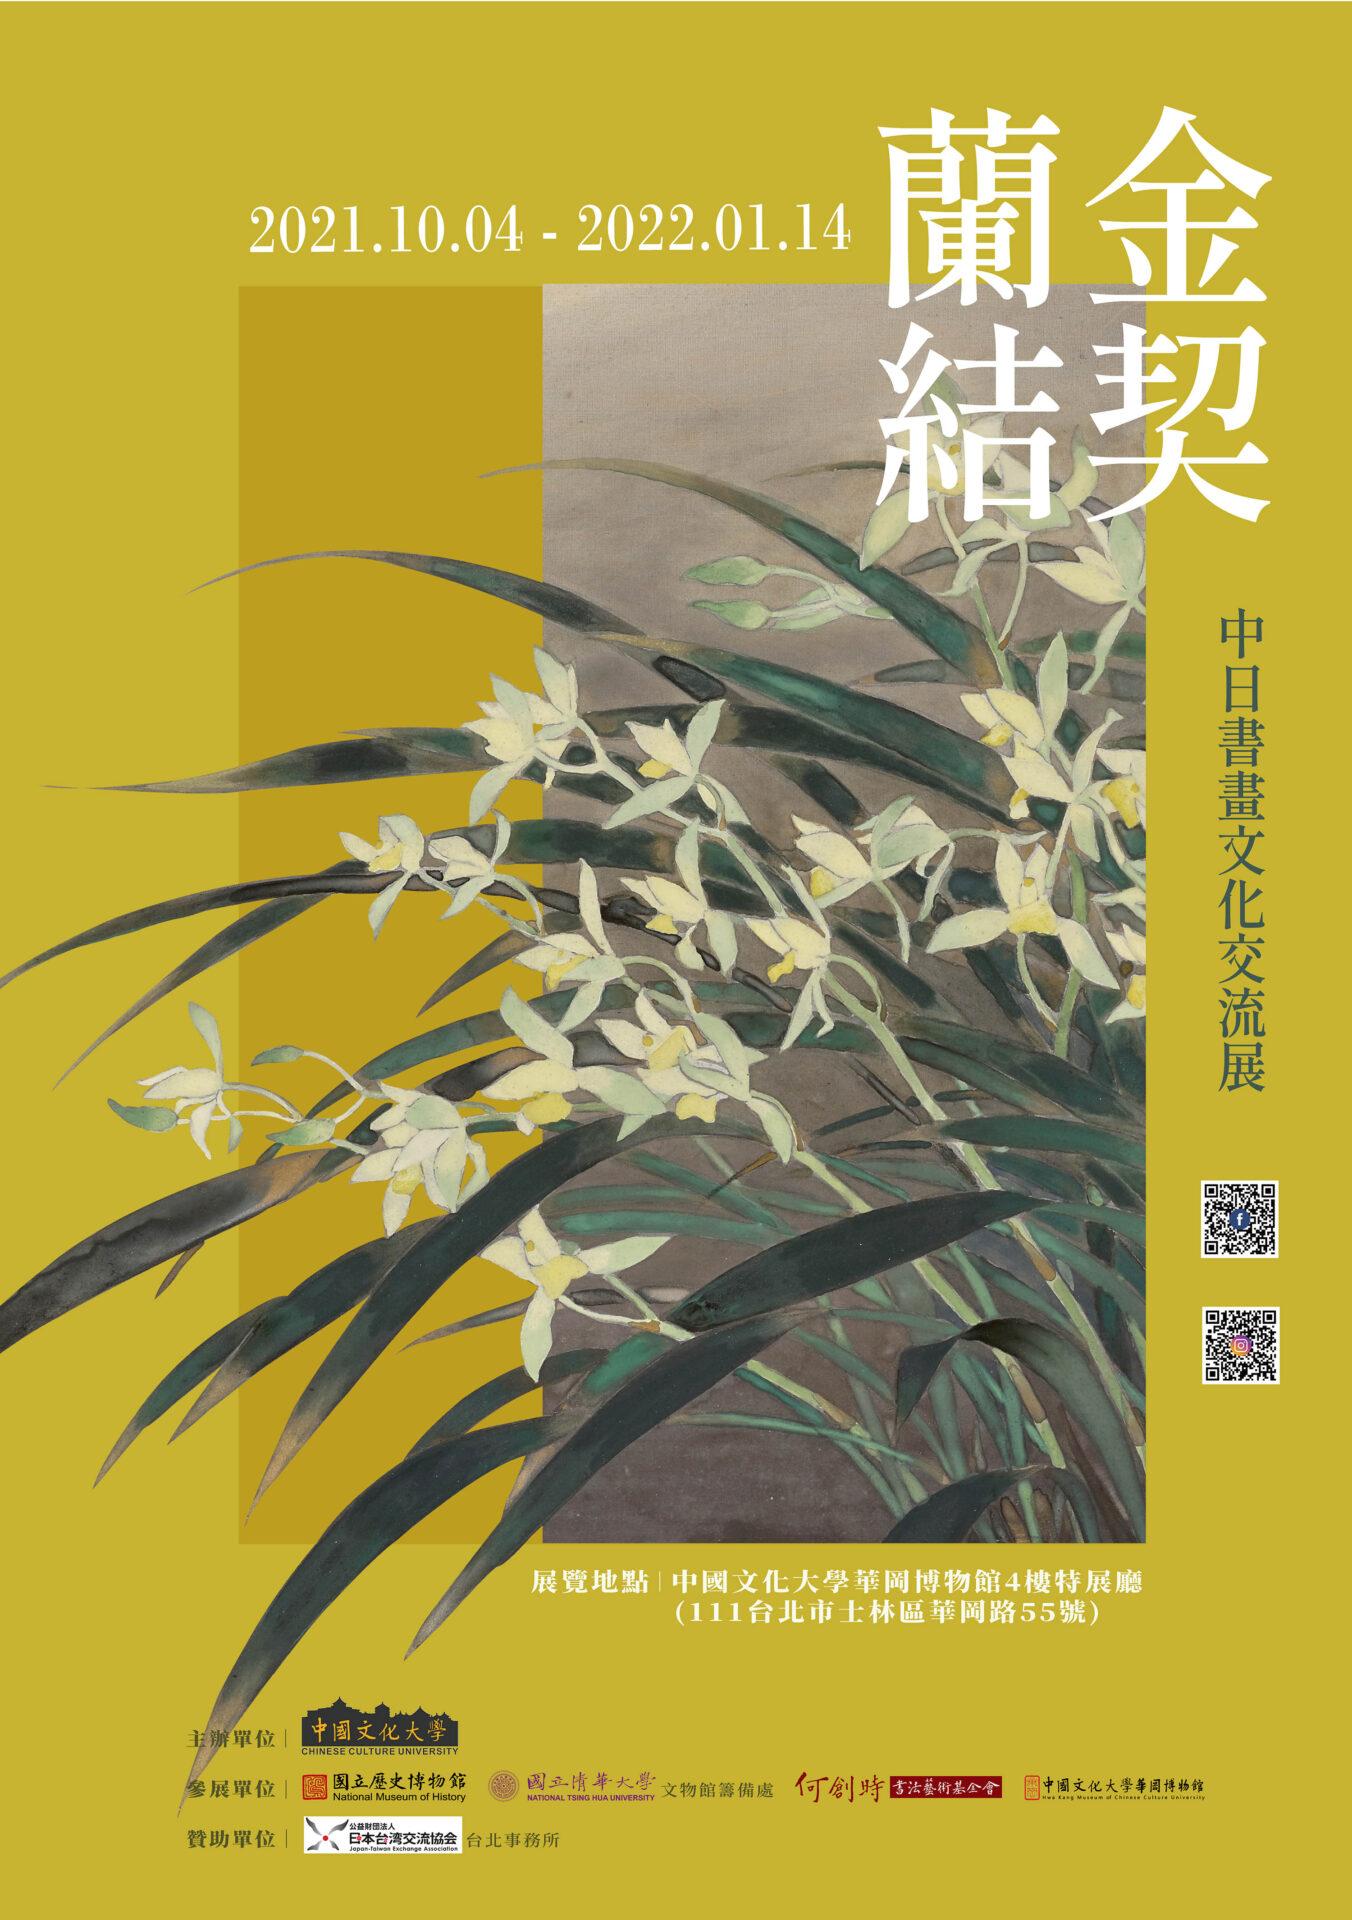 中國文化大學華岡博物館:2021/10/4-2022/1/14【金契蘭結—中日書畫文化交流展】